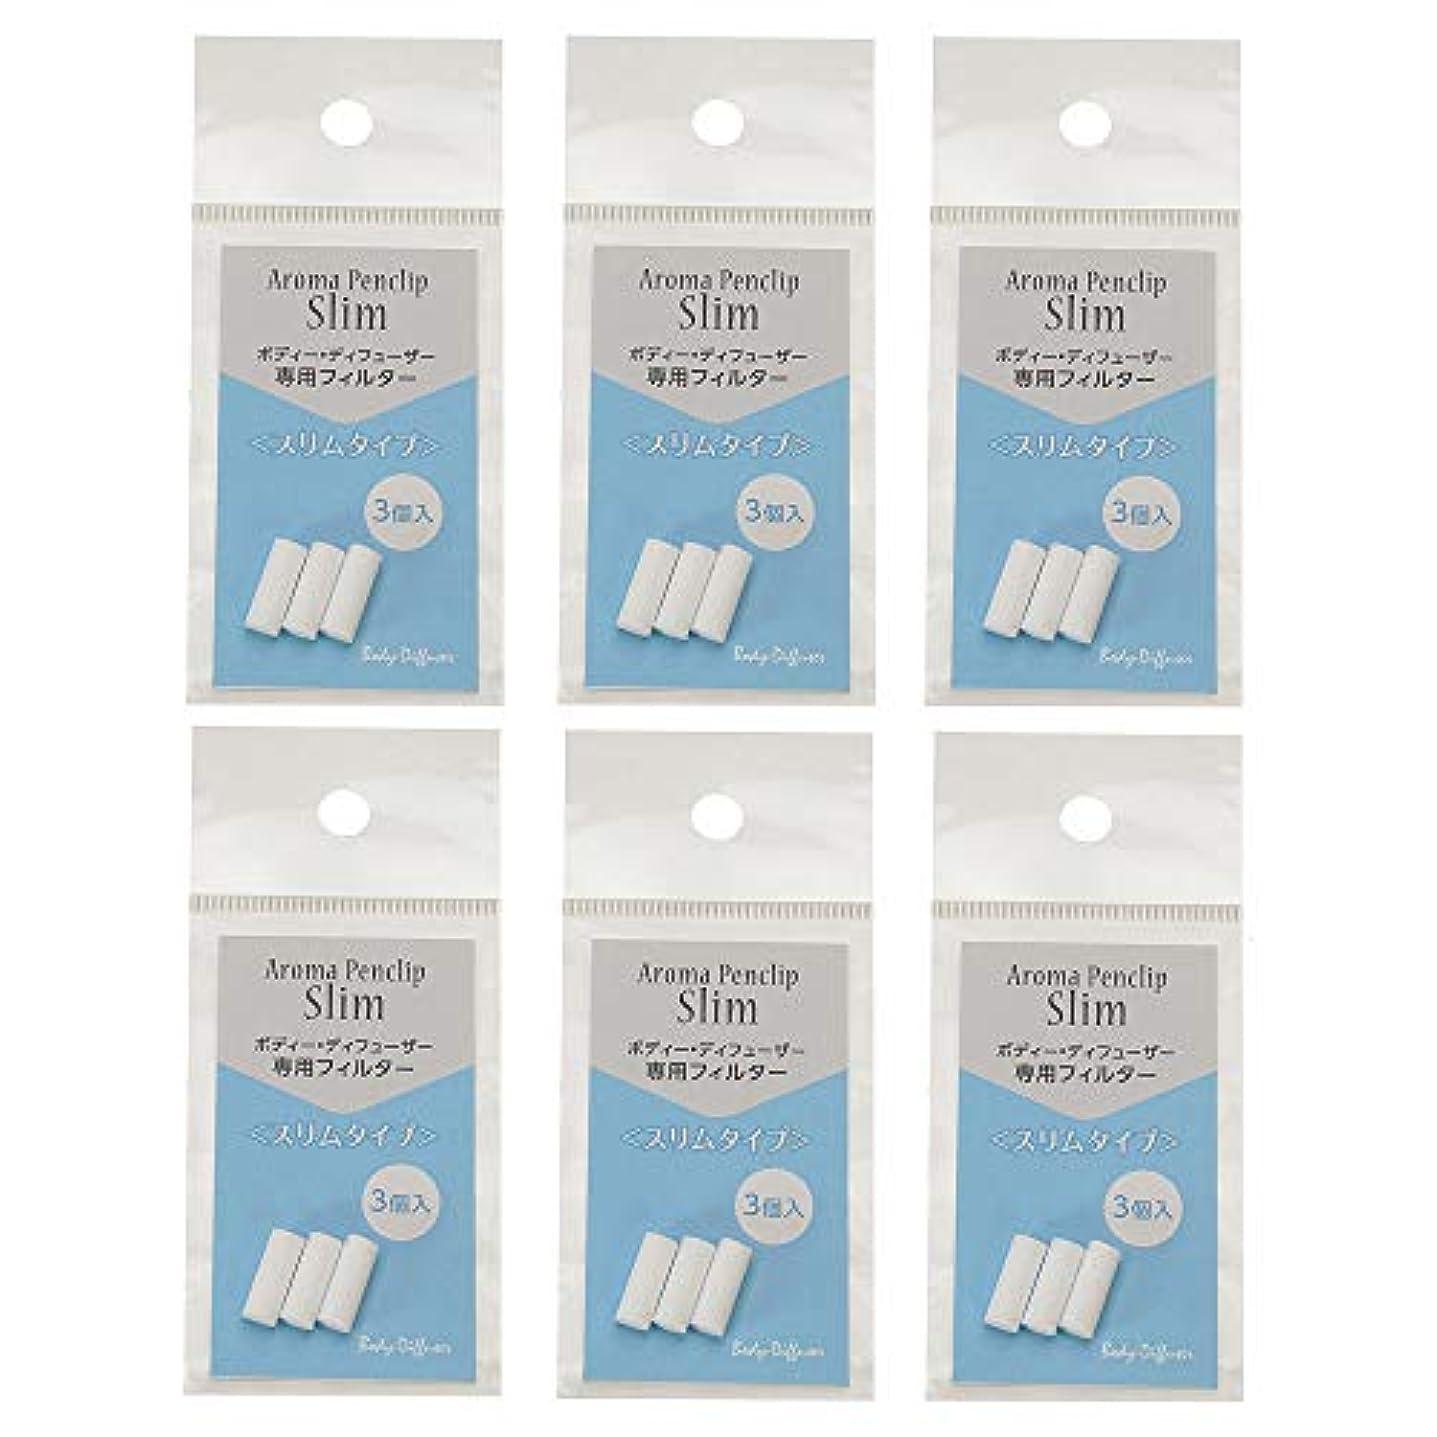 フェリー飲料ペインボディディフューザー (Body-Diffuse) Body-Diffuser ペンダントスリムフィルター1袋3個入 6袋 詰替え用 3個×6袋